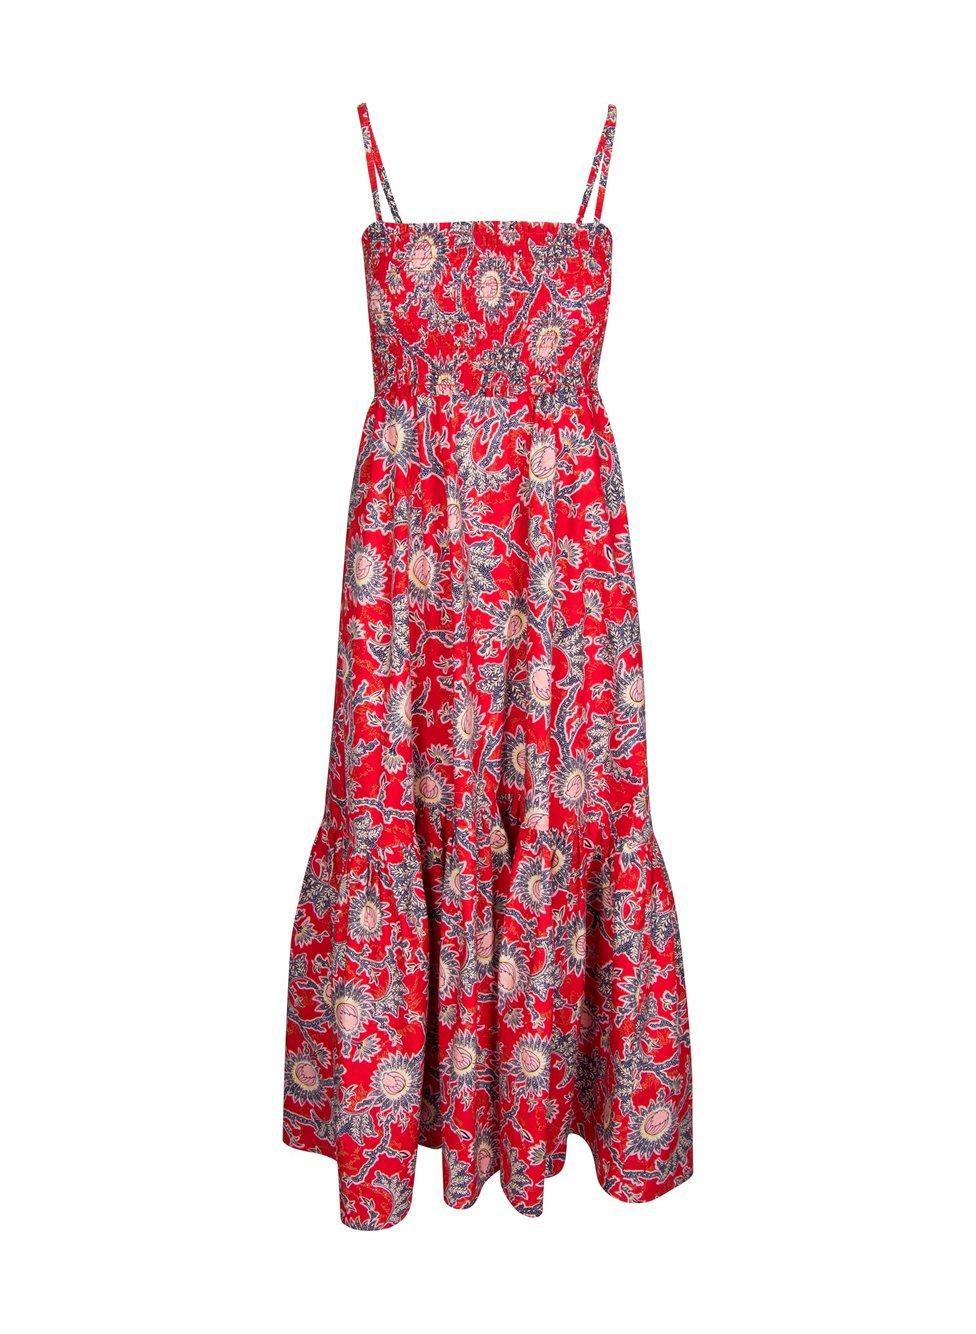 Austyn Printed Maxi Dress